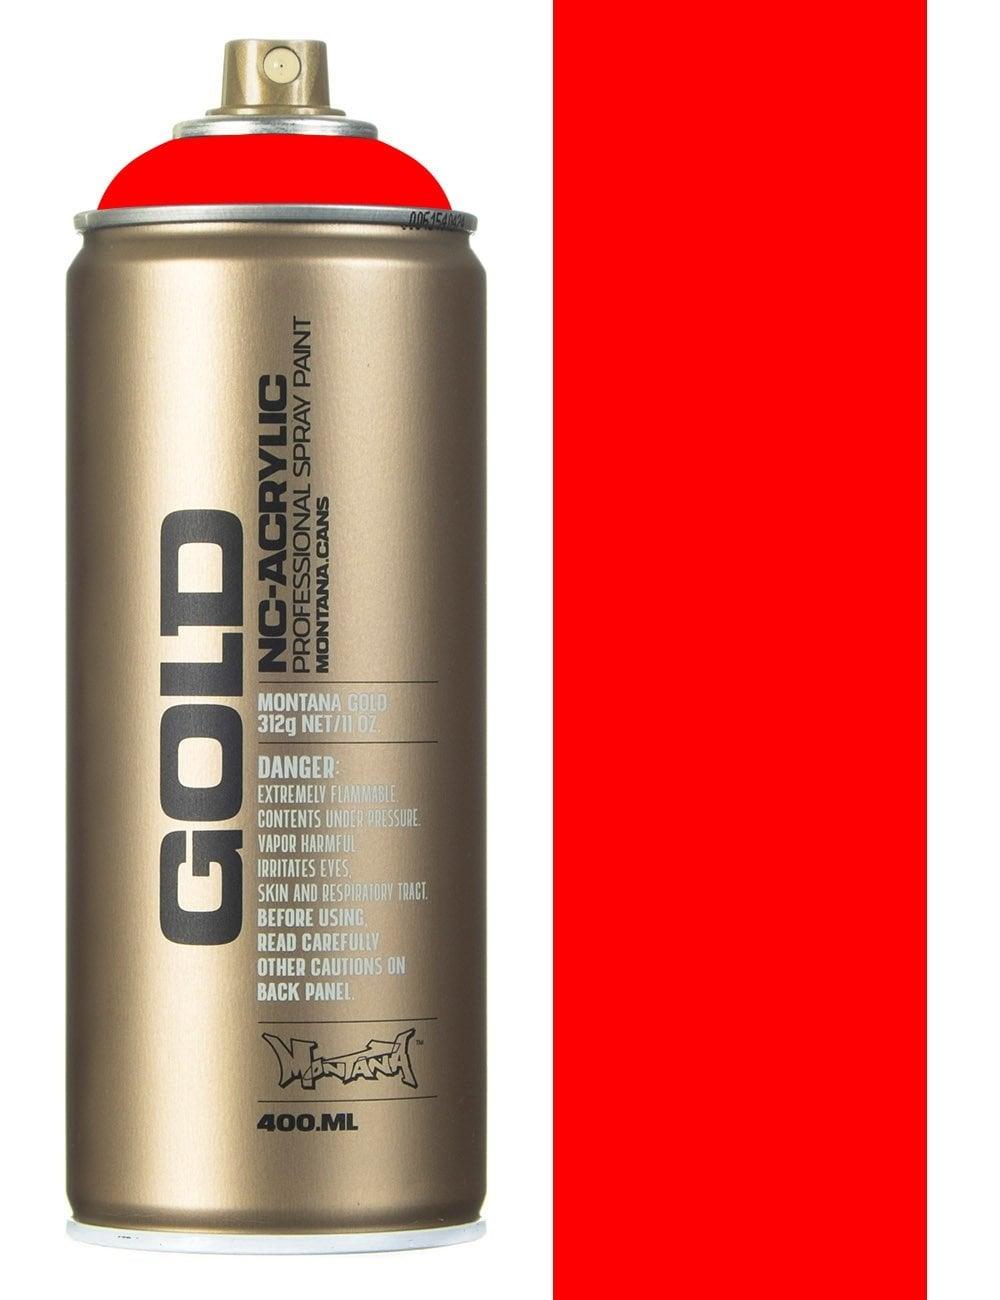 Montana Gold F3000 Flourescent Fire Red Spray Paint 400ml